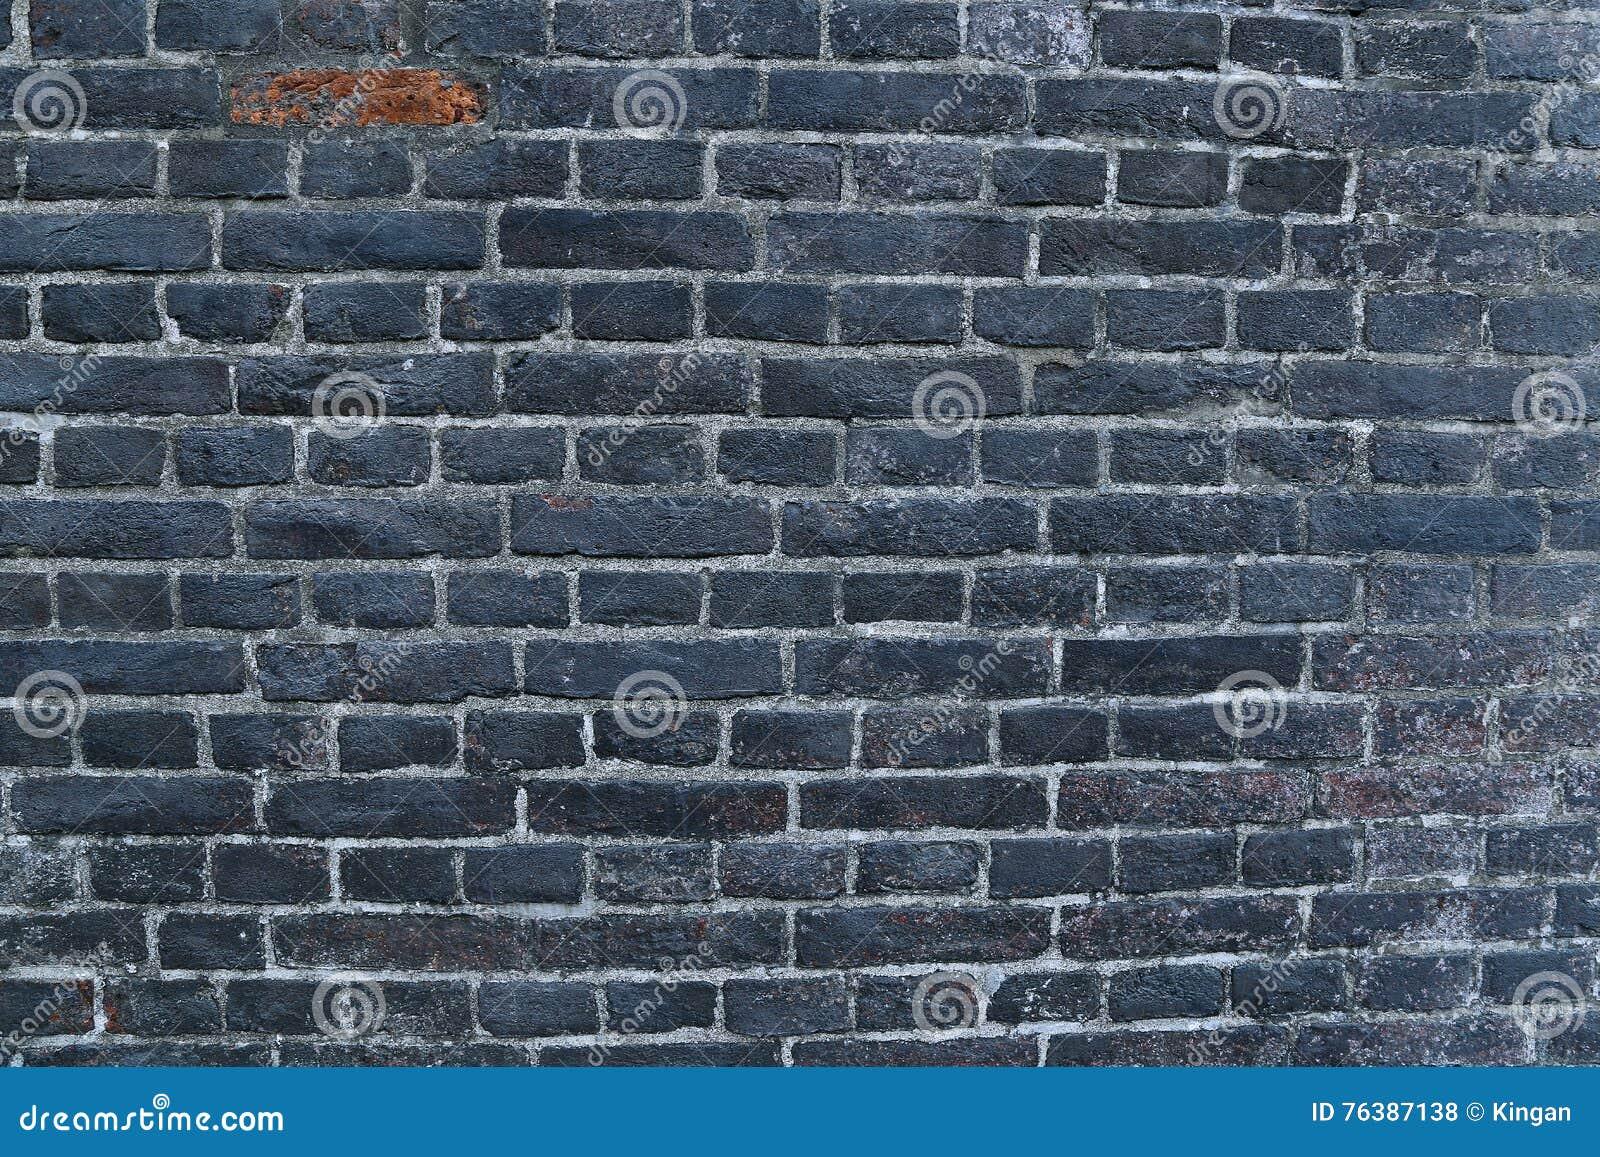 Bakstenen Binnenmuur Behandelen : Textuur van een zwarte gebrande die bakstenen muur met roet wordt